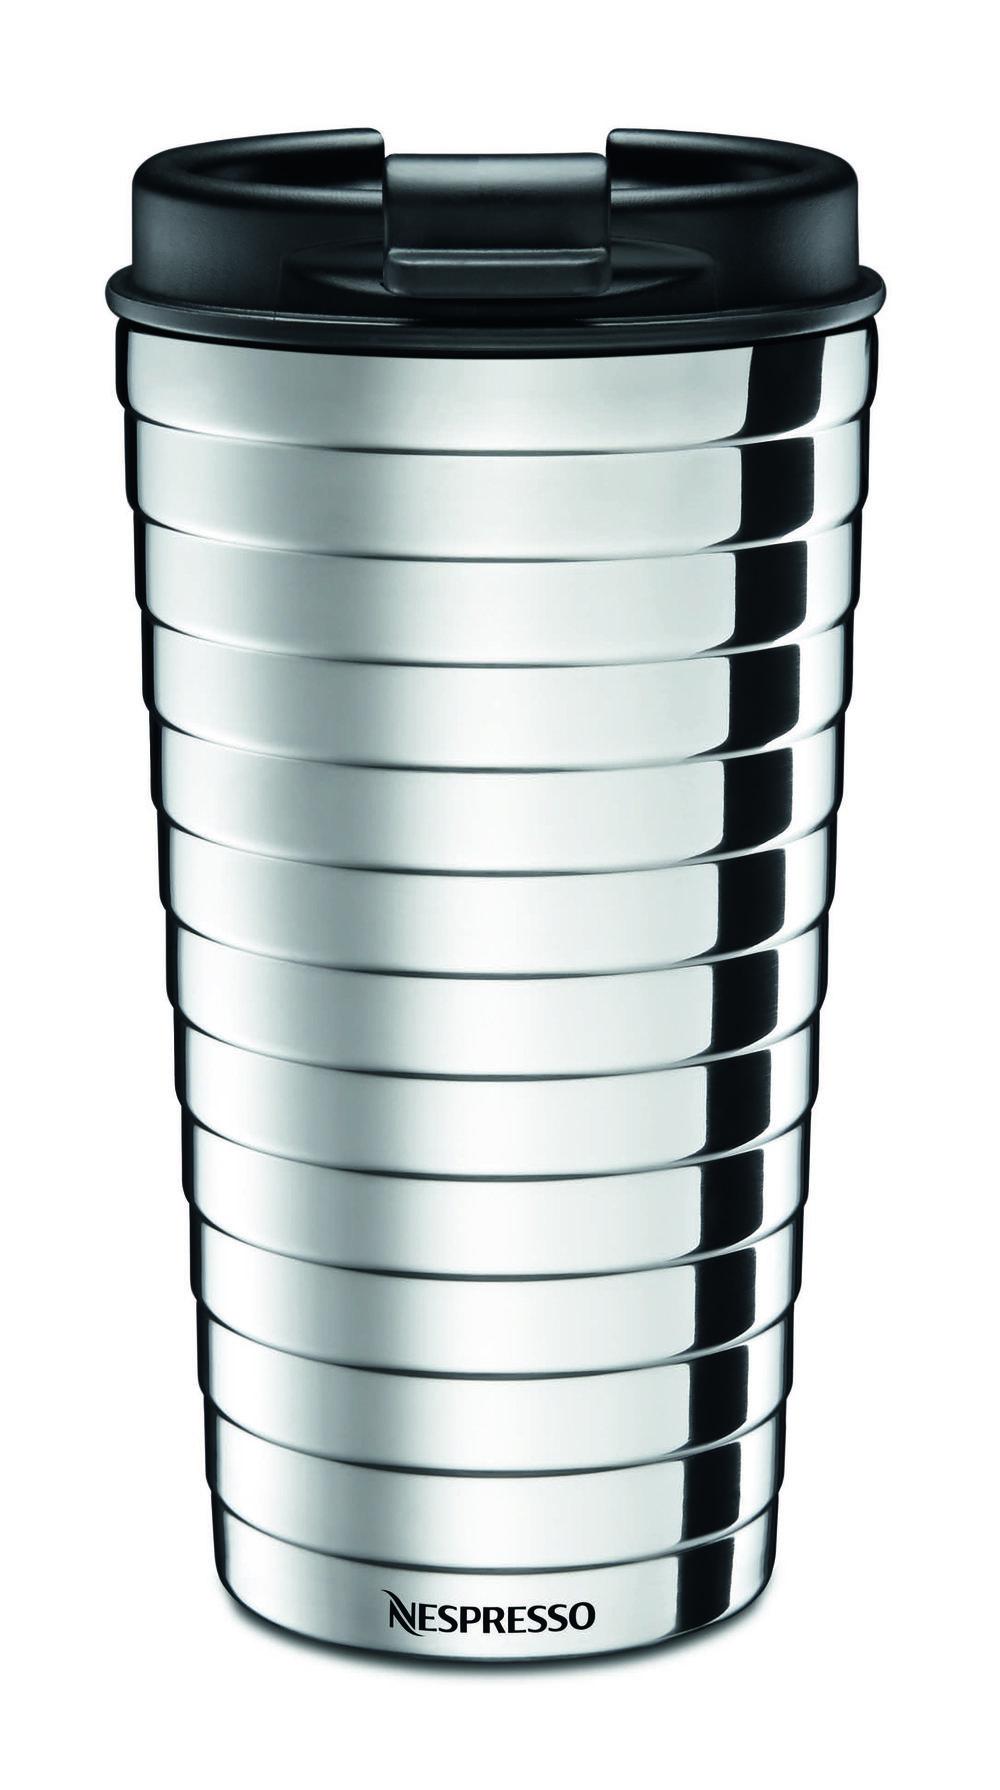 NespressoGift.jpg